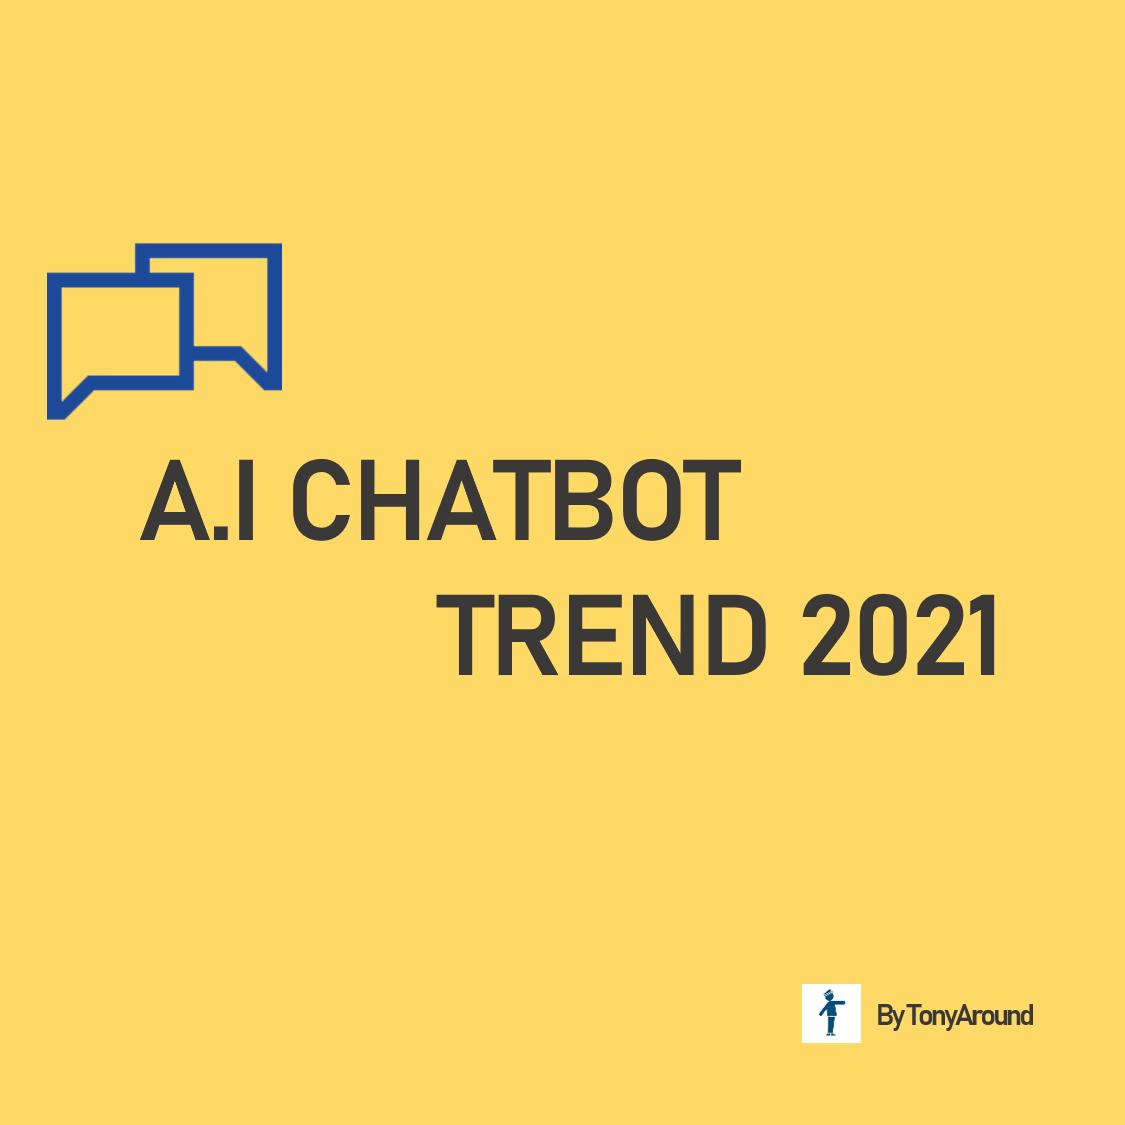 인공지능 챗봇 트렌드 2021: 빅데이터를 통한 경험관리와 감성터치인공지능 챗봇 트렌드 2021: 빅데이터를 통한 경험관리와 감성터치